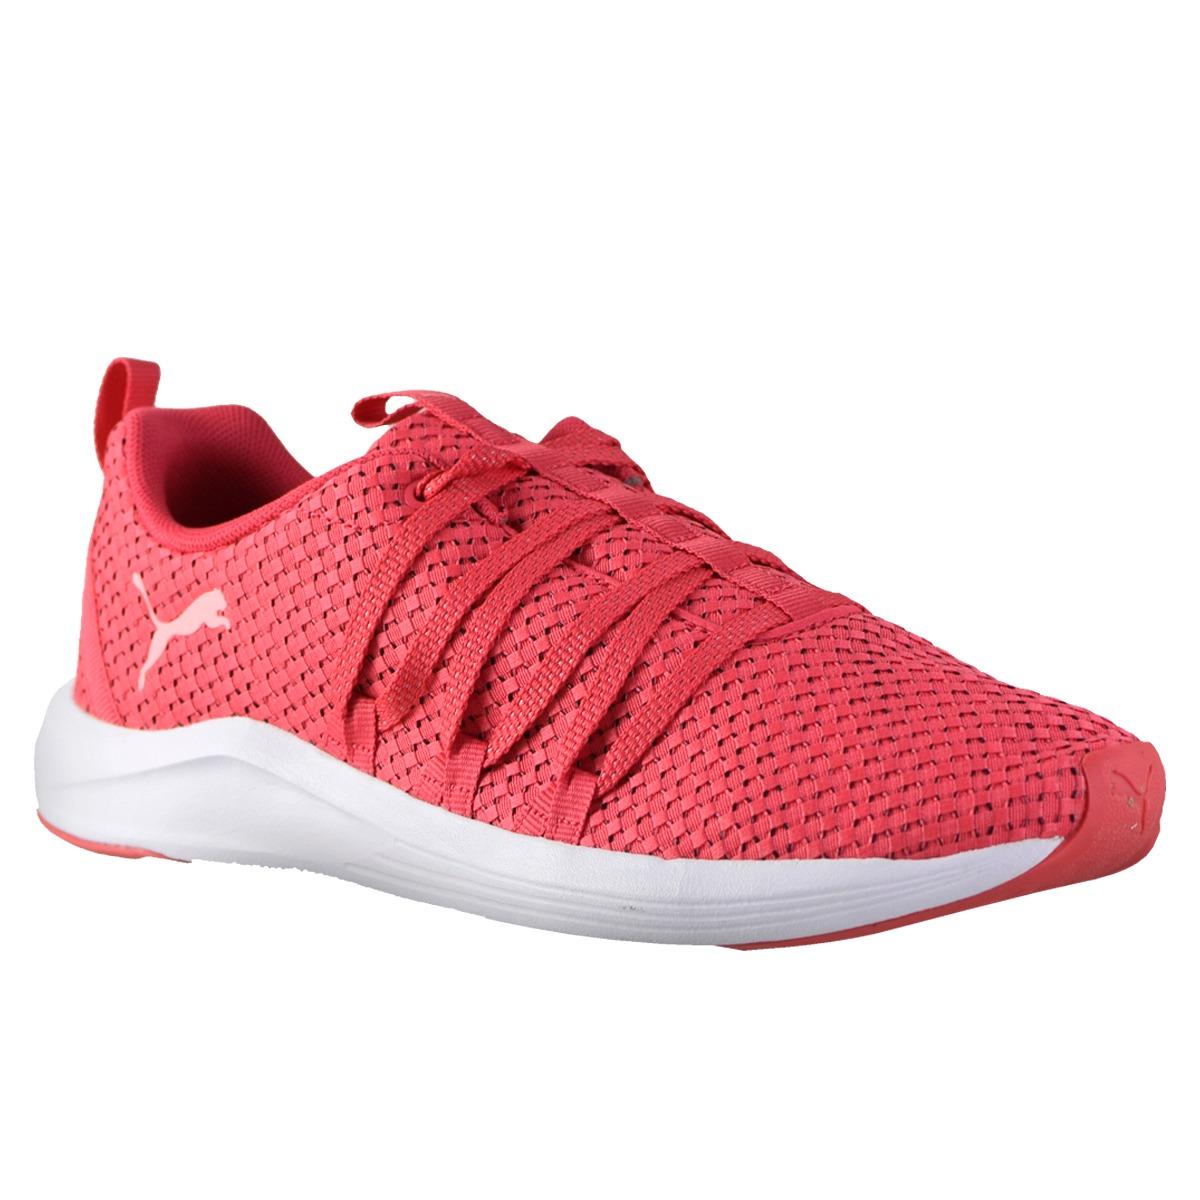 5aac21396409 zapatillas puma prowl mujer rosa. Cargando zoom.